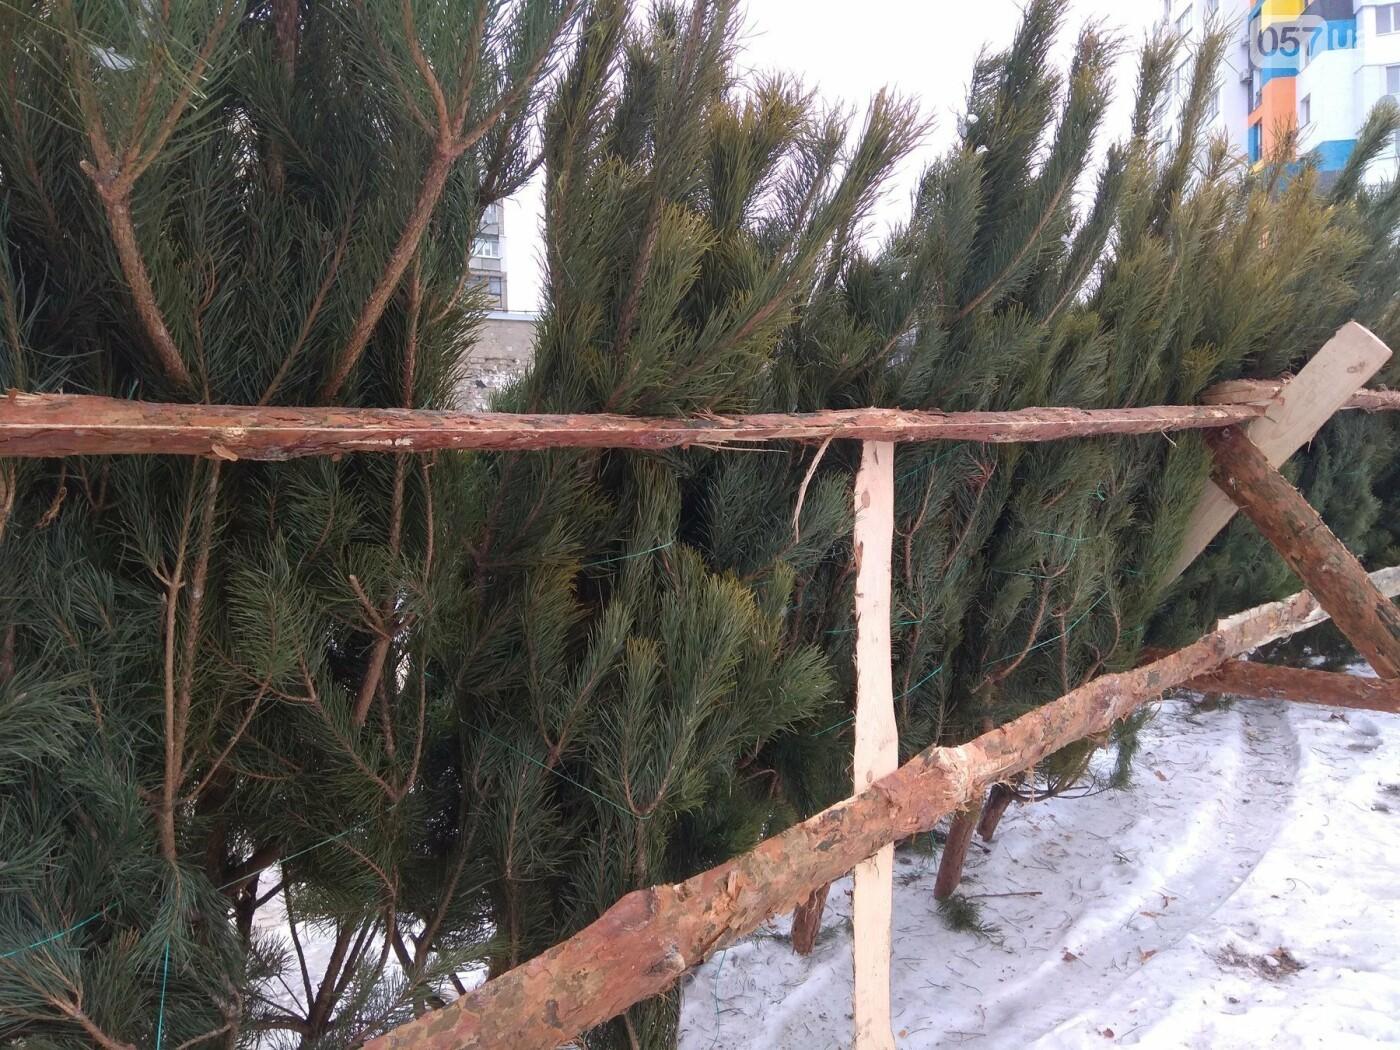 Новогодние елки в Харькове. Где и за сколько можно купить, - ФОТО, фото-1